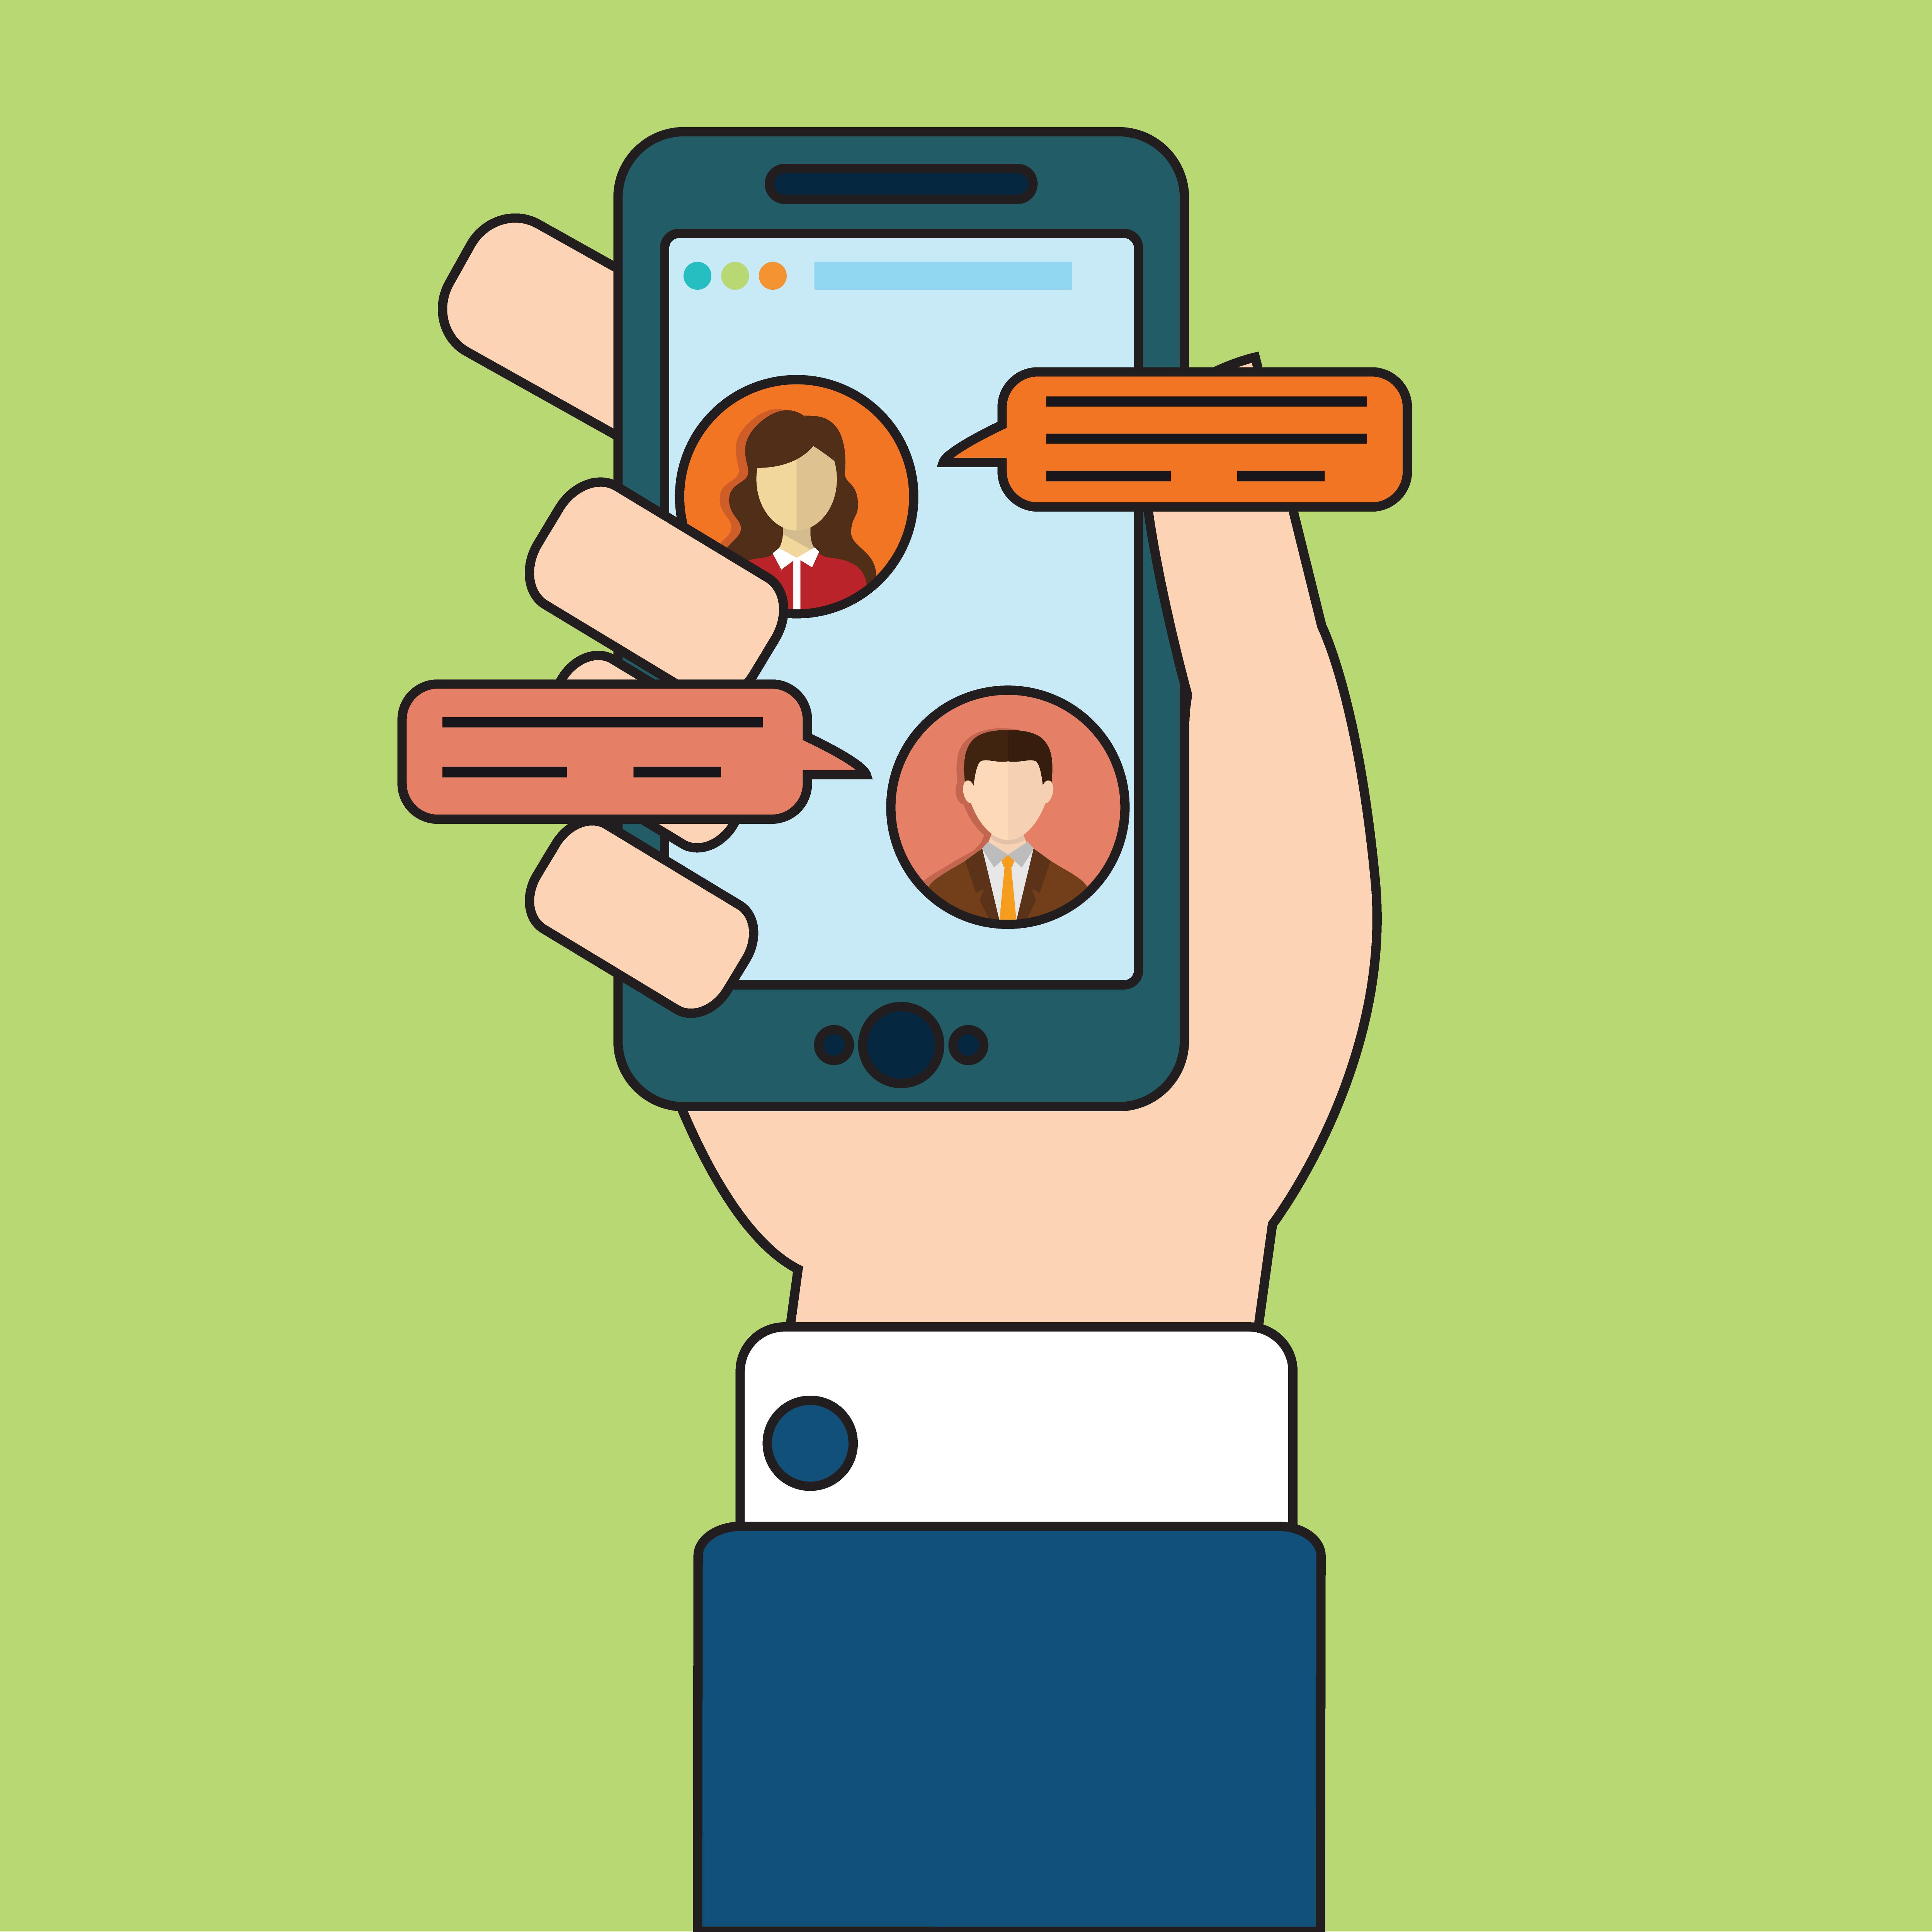 Vos clients ne veulent pas connaître tous les détails, ils veulent obtenir une solution clé en main ! 2